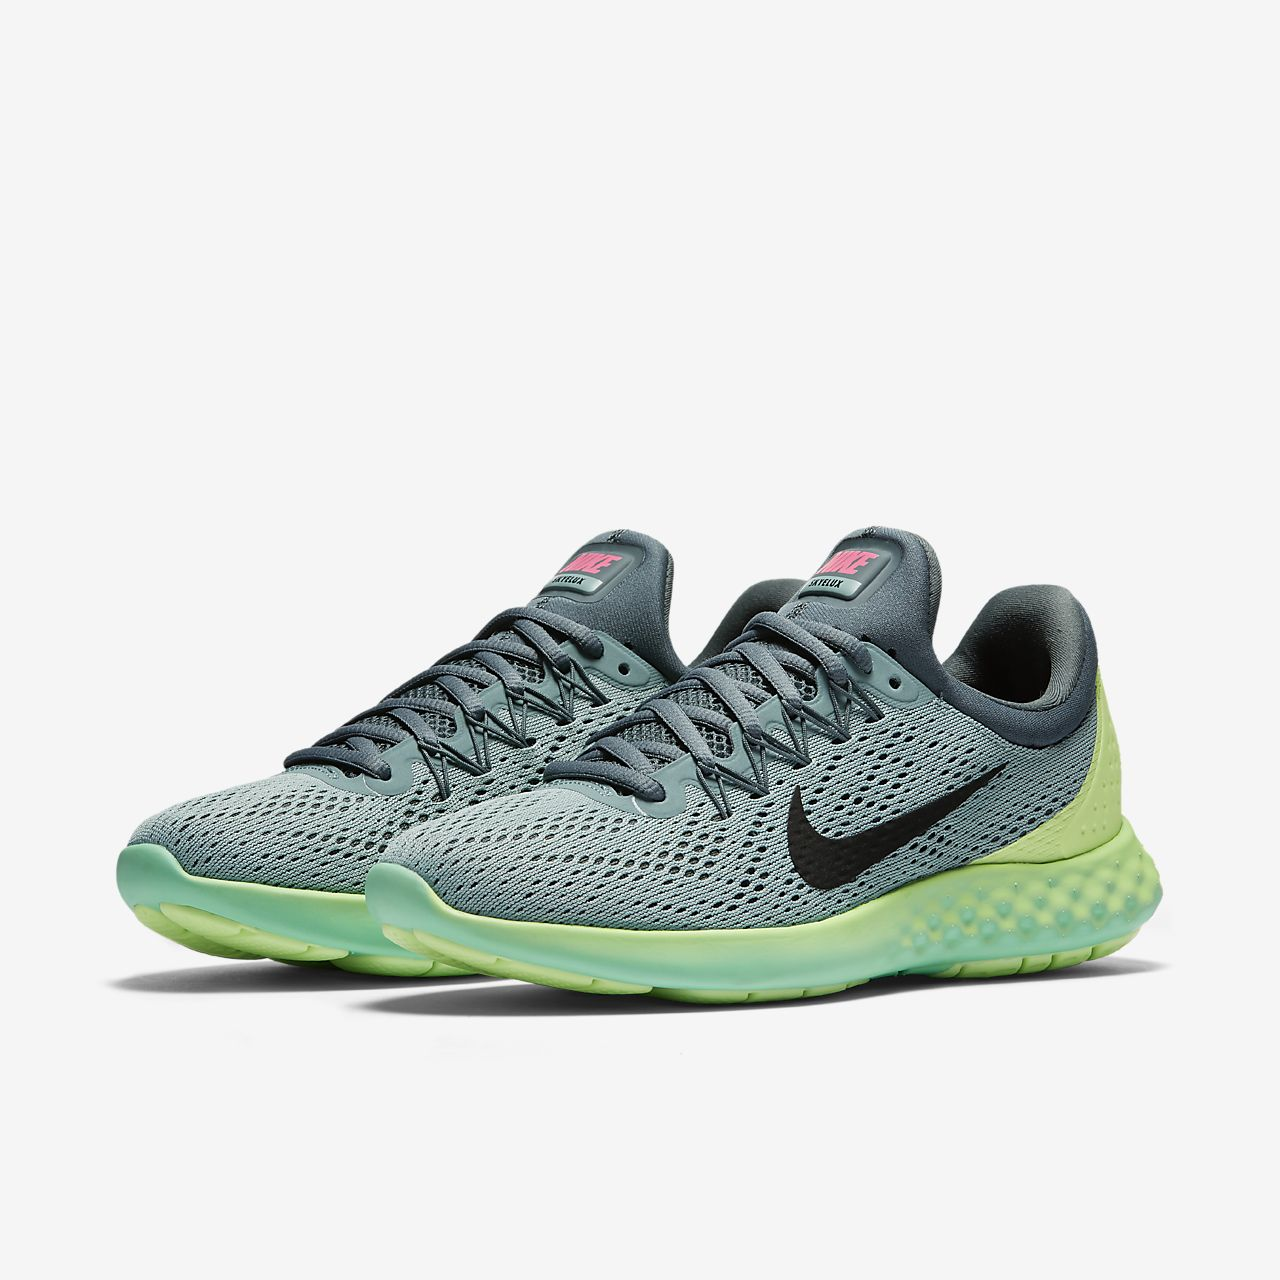 ... Nike Lunar Skyelux Women's Running Shoe